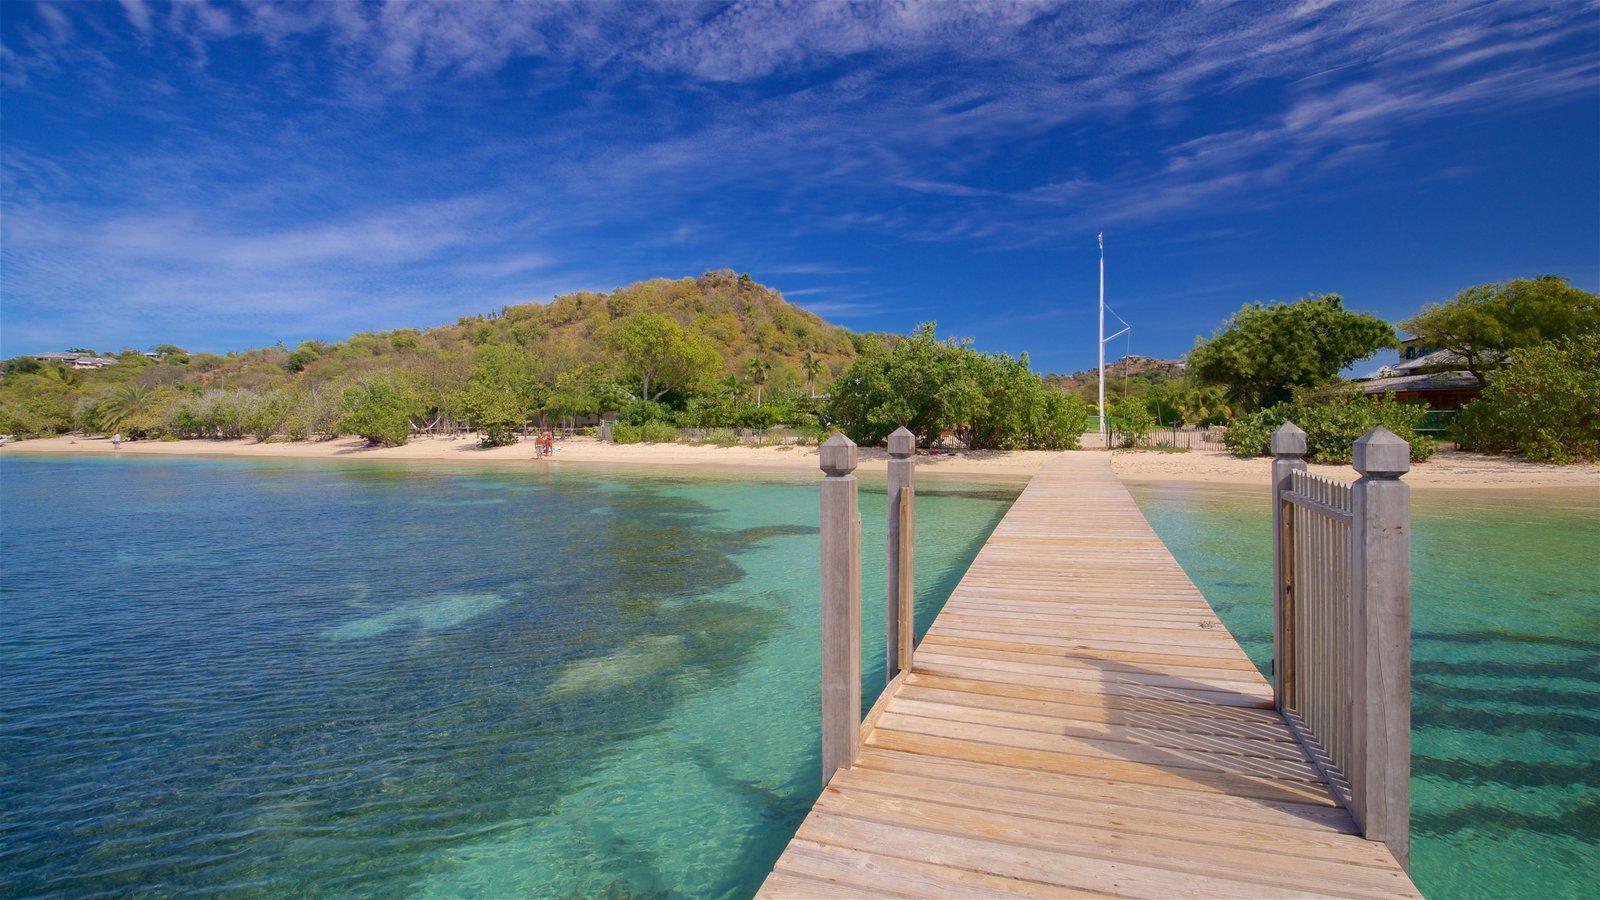 Fotos de Antigua y Barbuda Ver fotos e Imgenes de Antigua y Barbuda